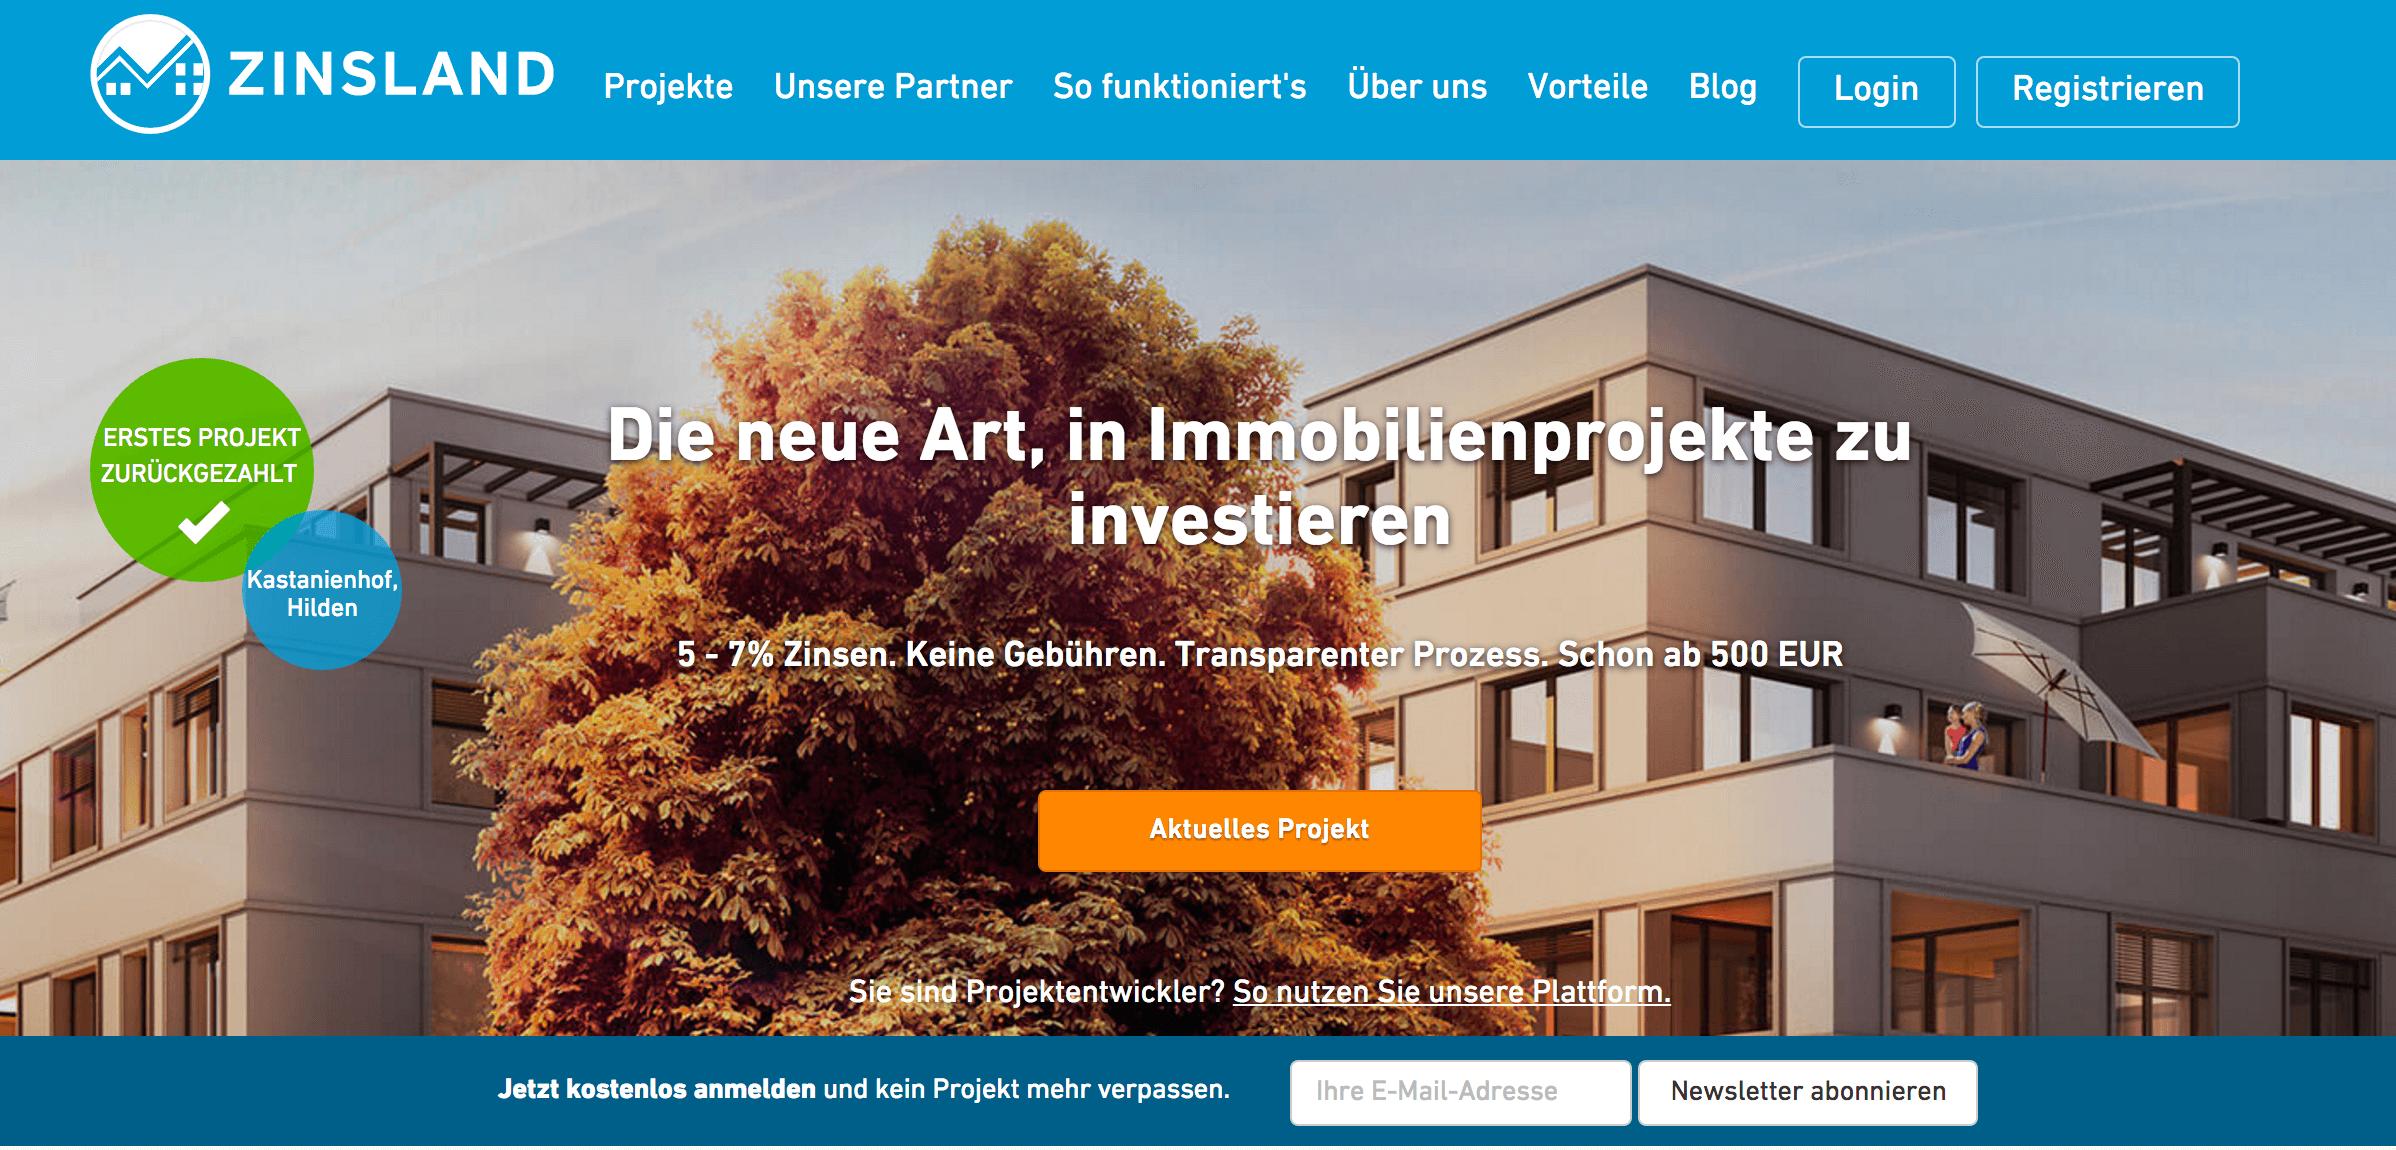 ZINSLAND Crowdfunding Testsieger